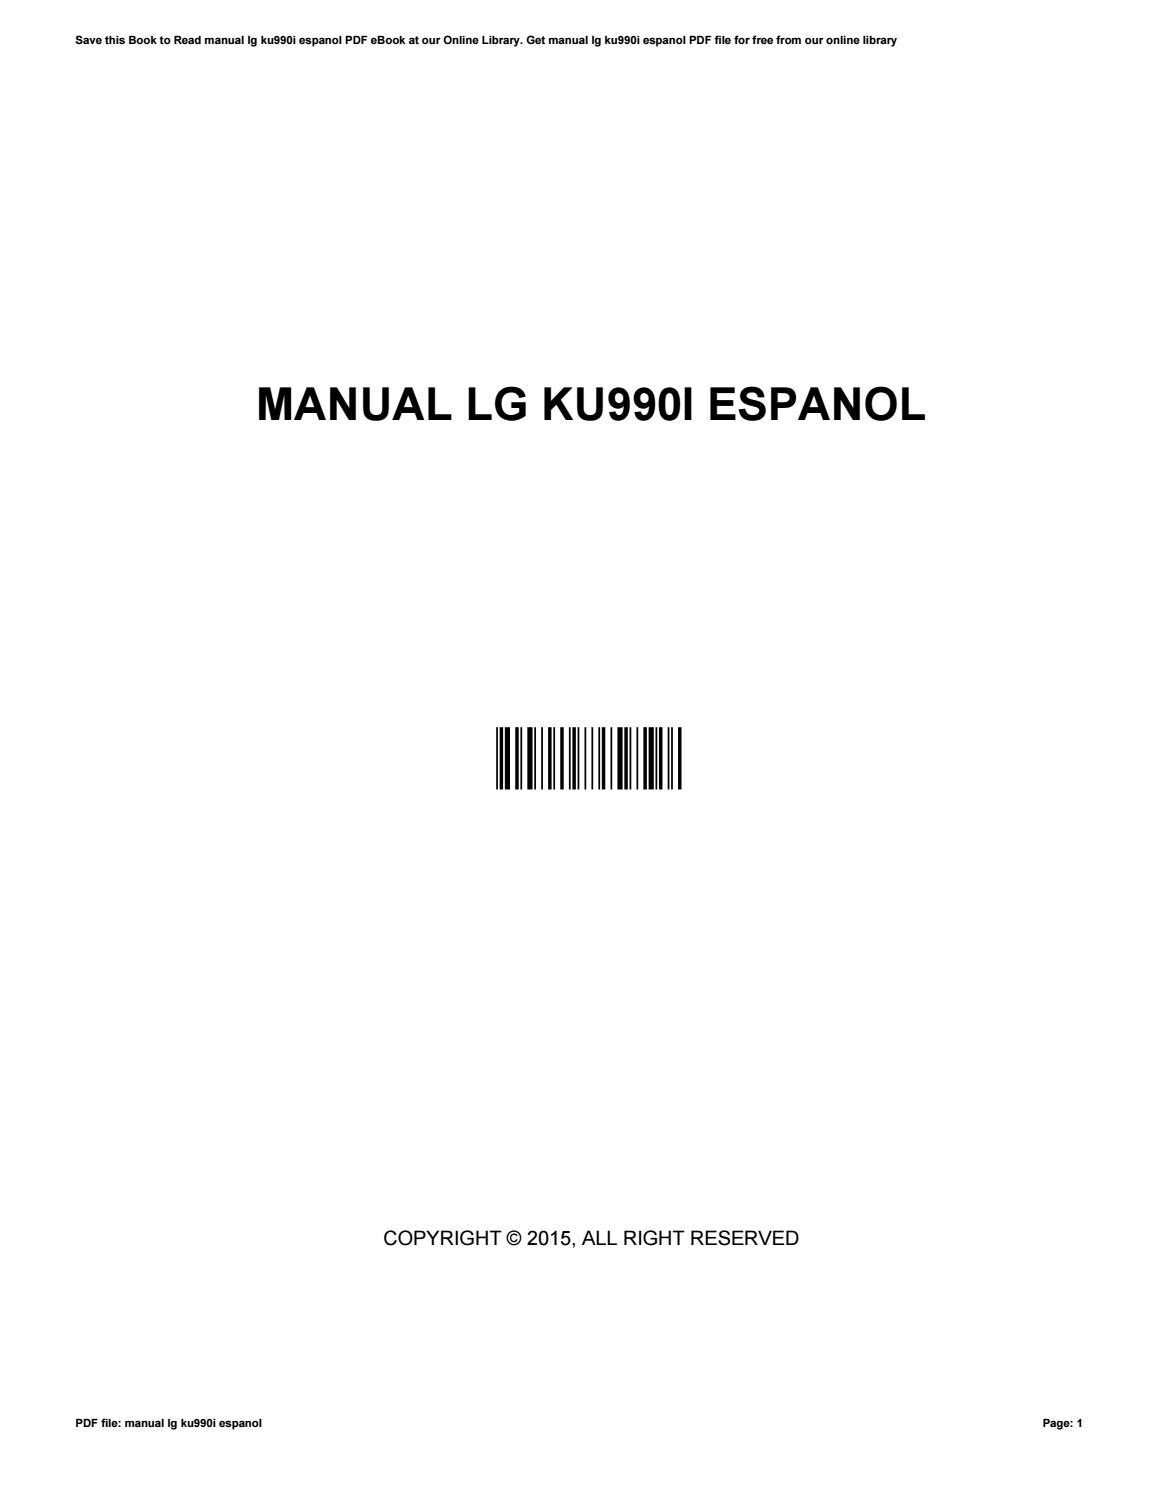 Lg ku990 viewty manual.